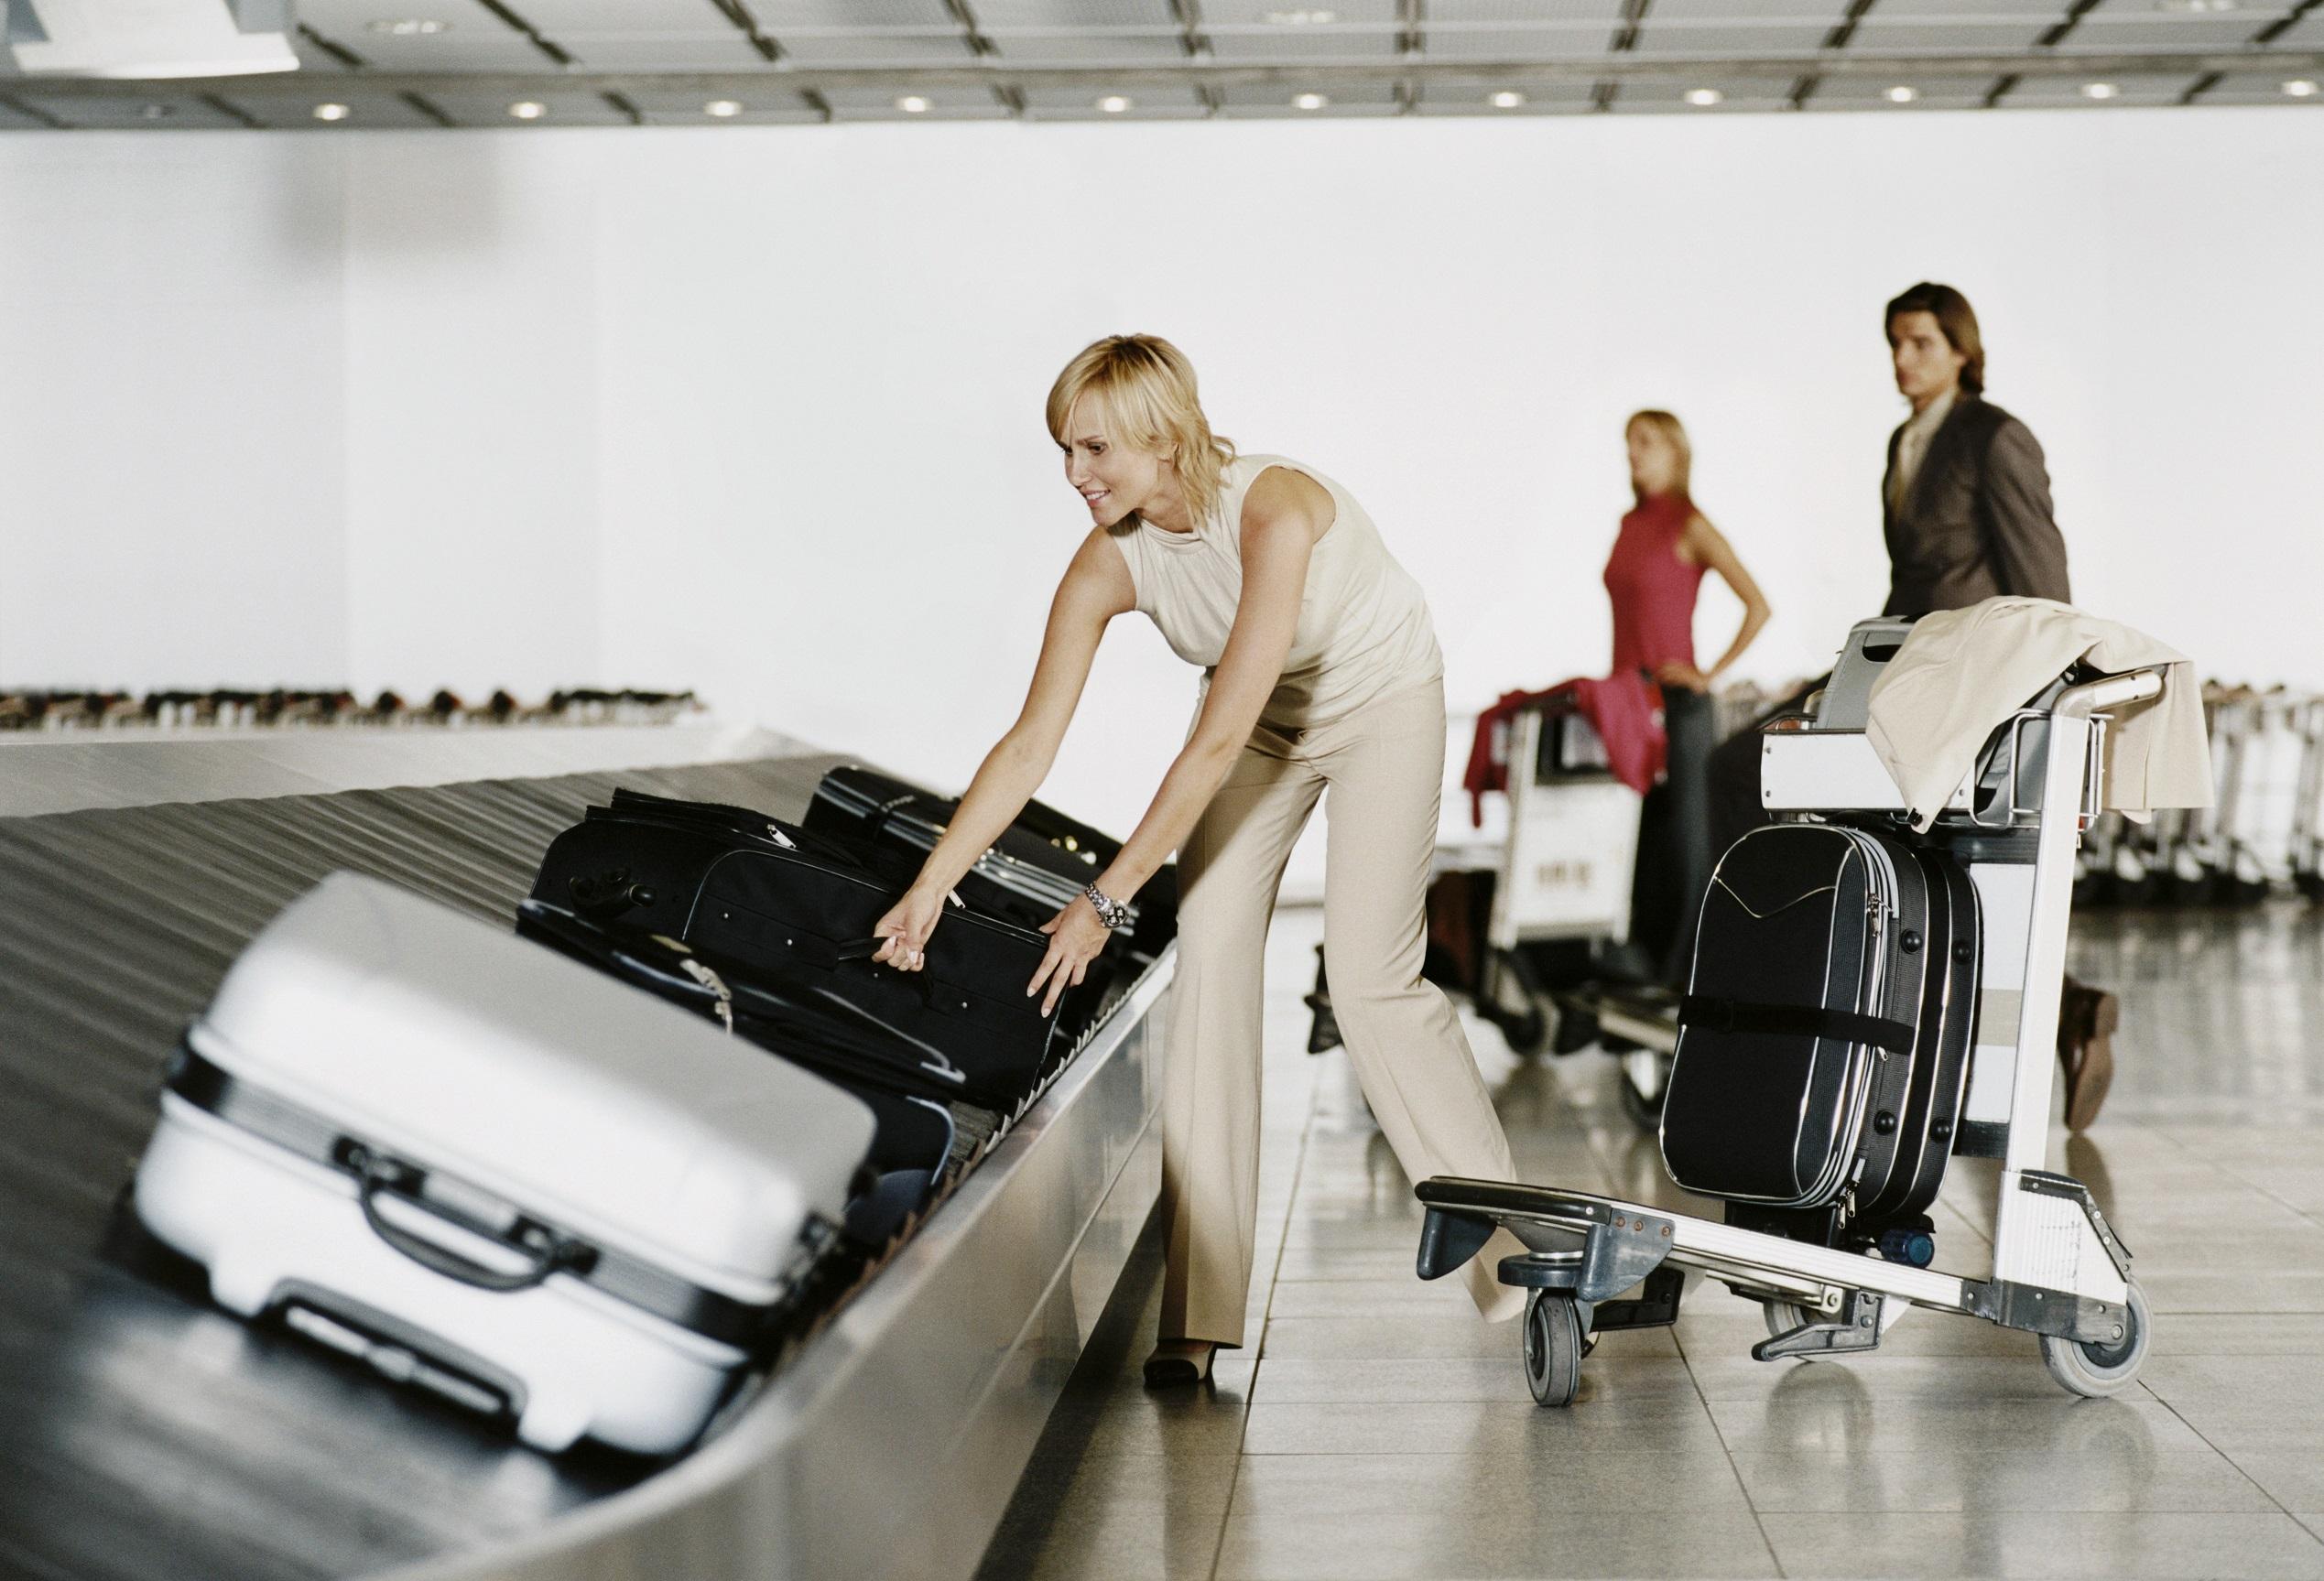 Serviços de nível mundial para passageiros do Sharjah Airport